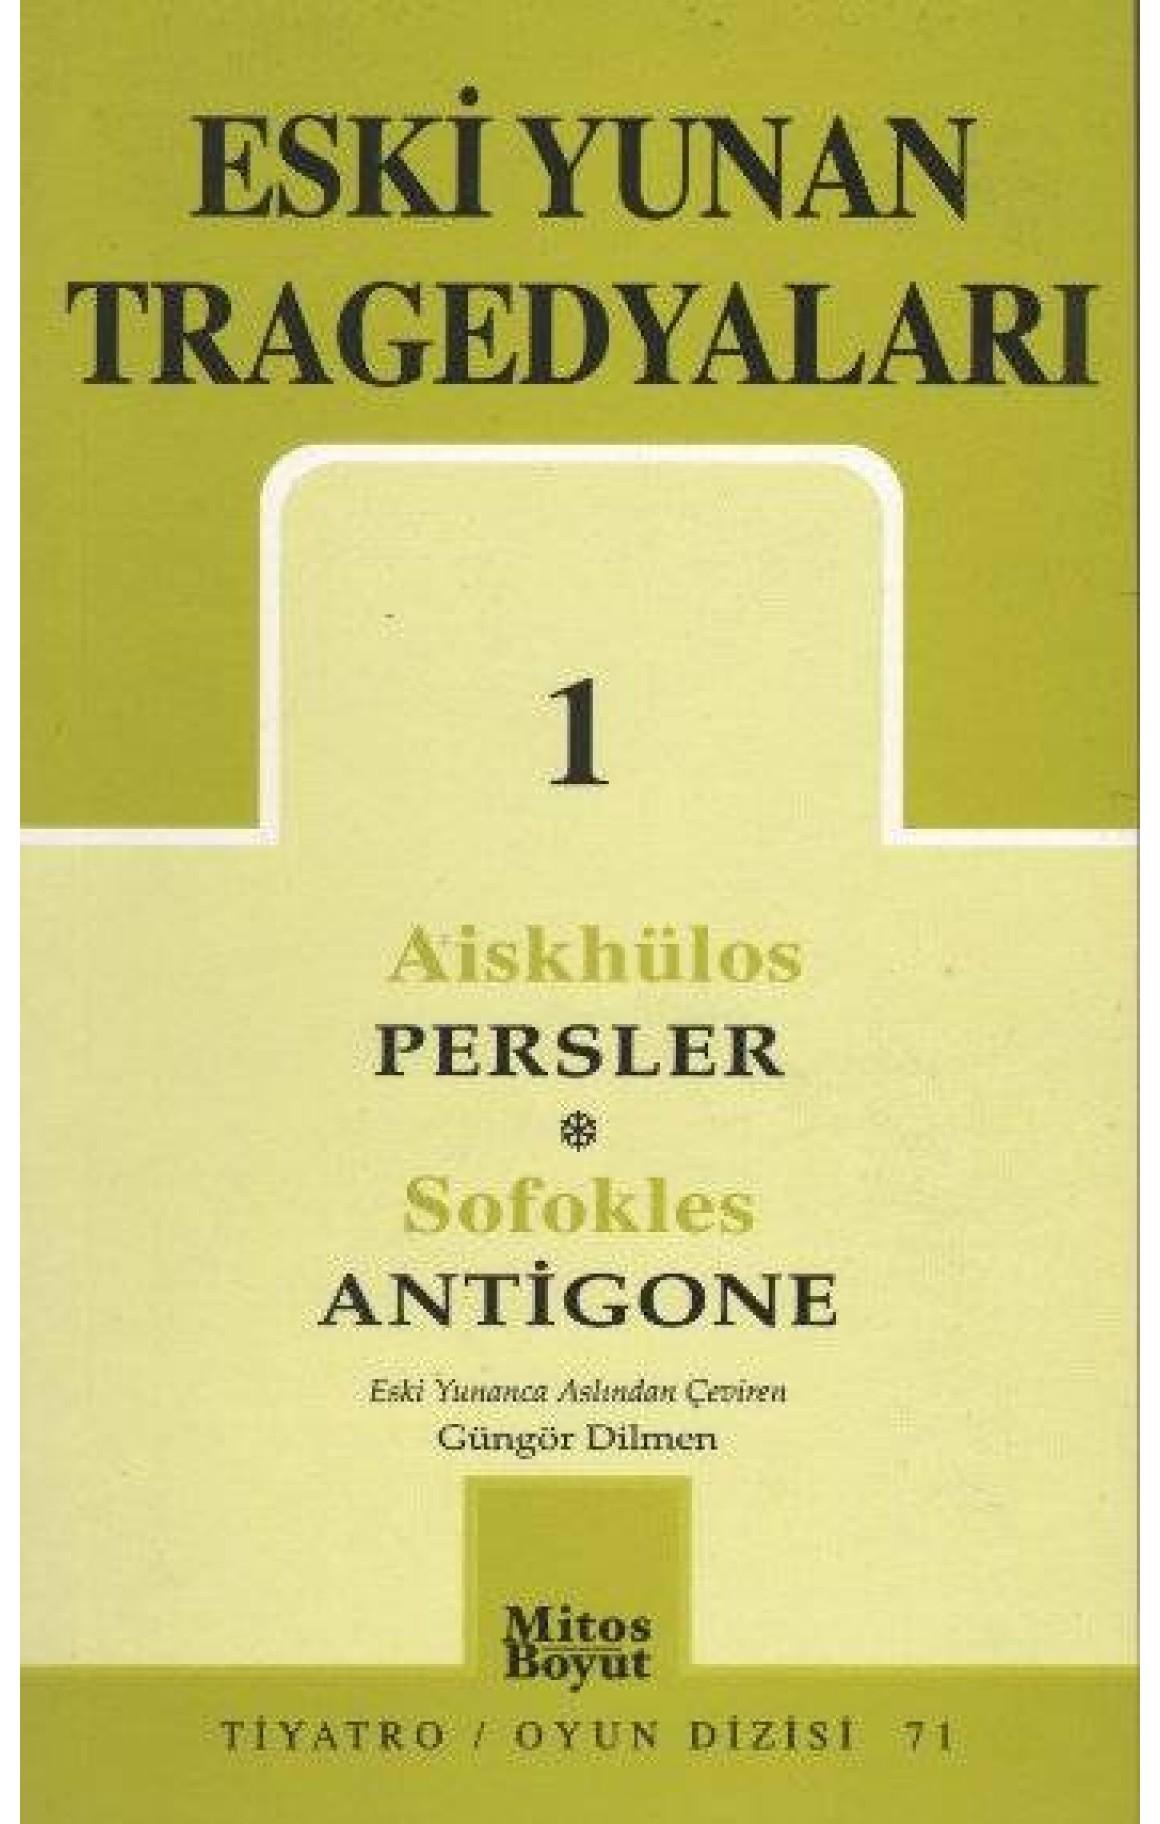 Eski Yunan Tragedyaları 1